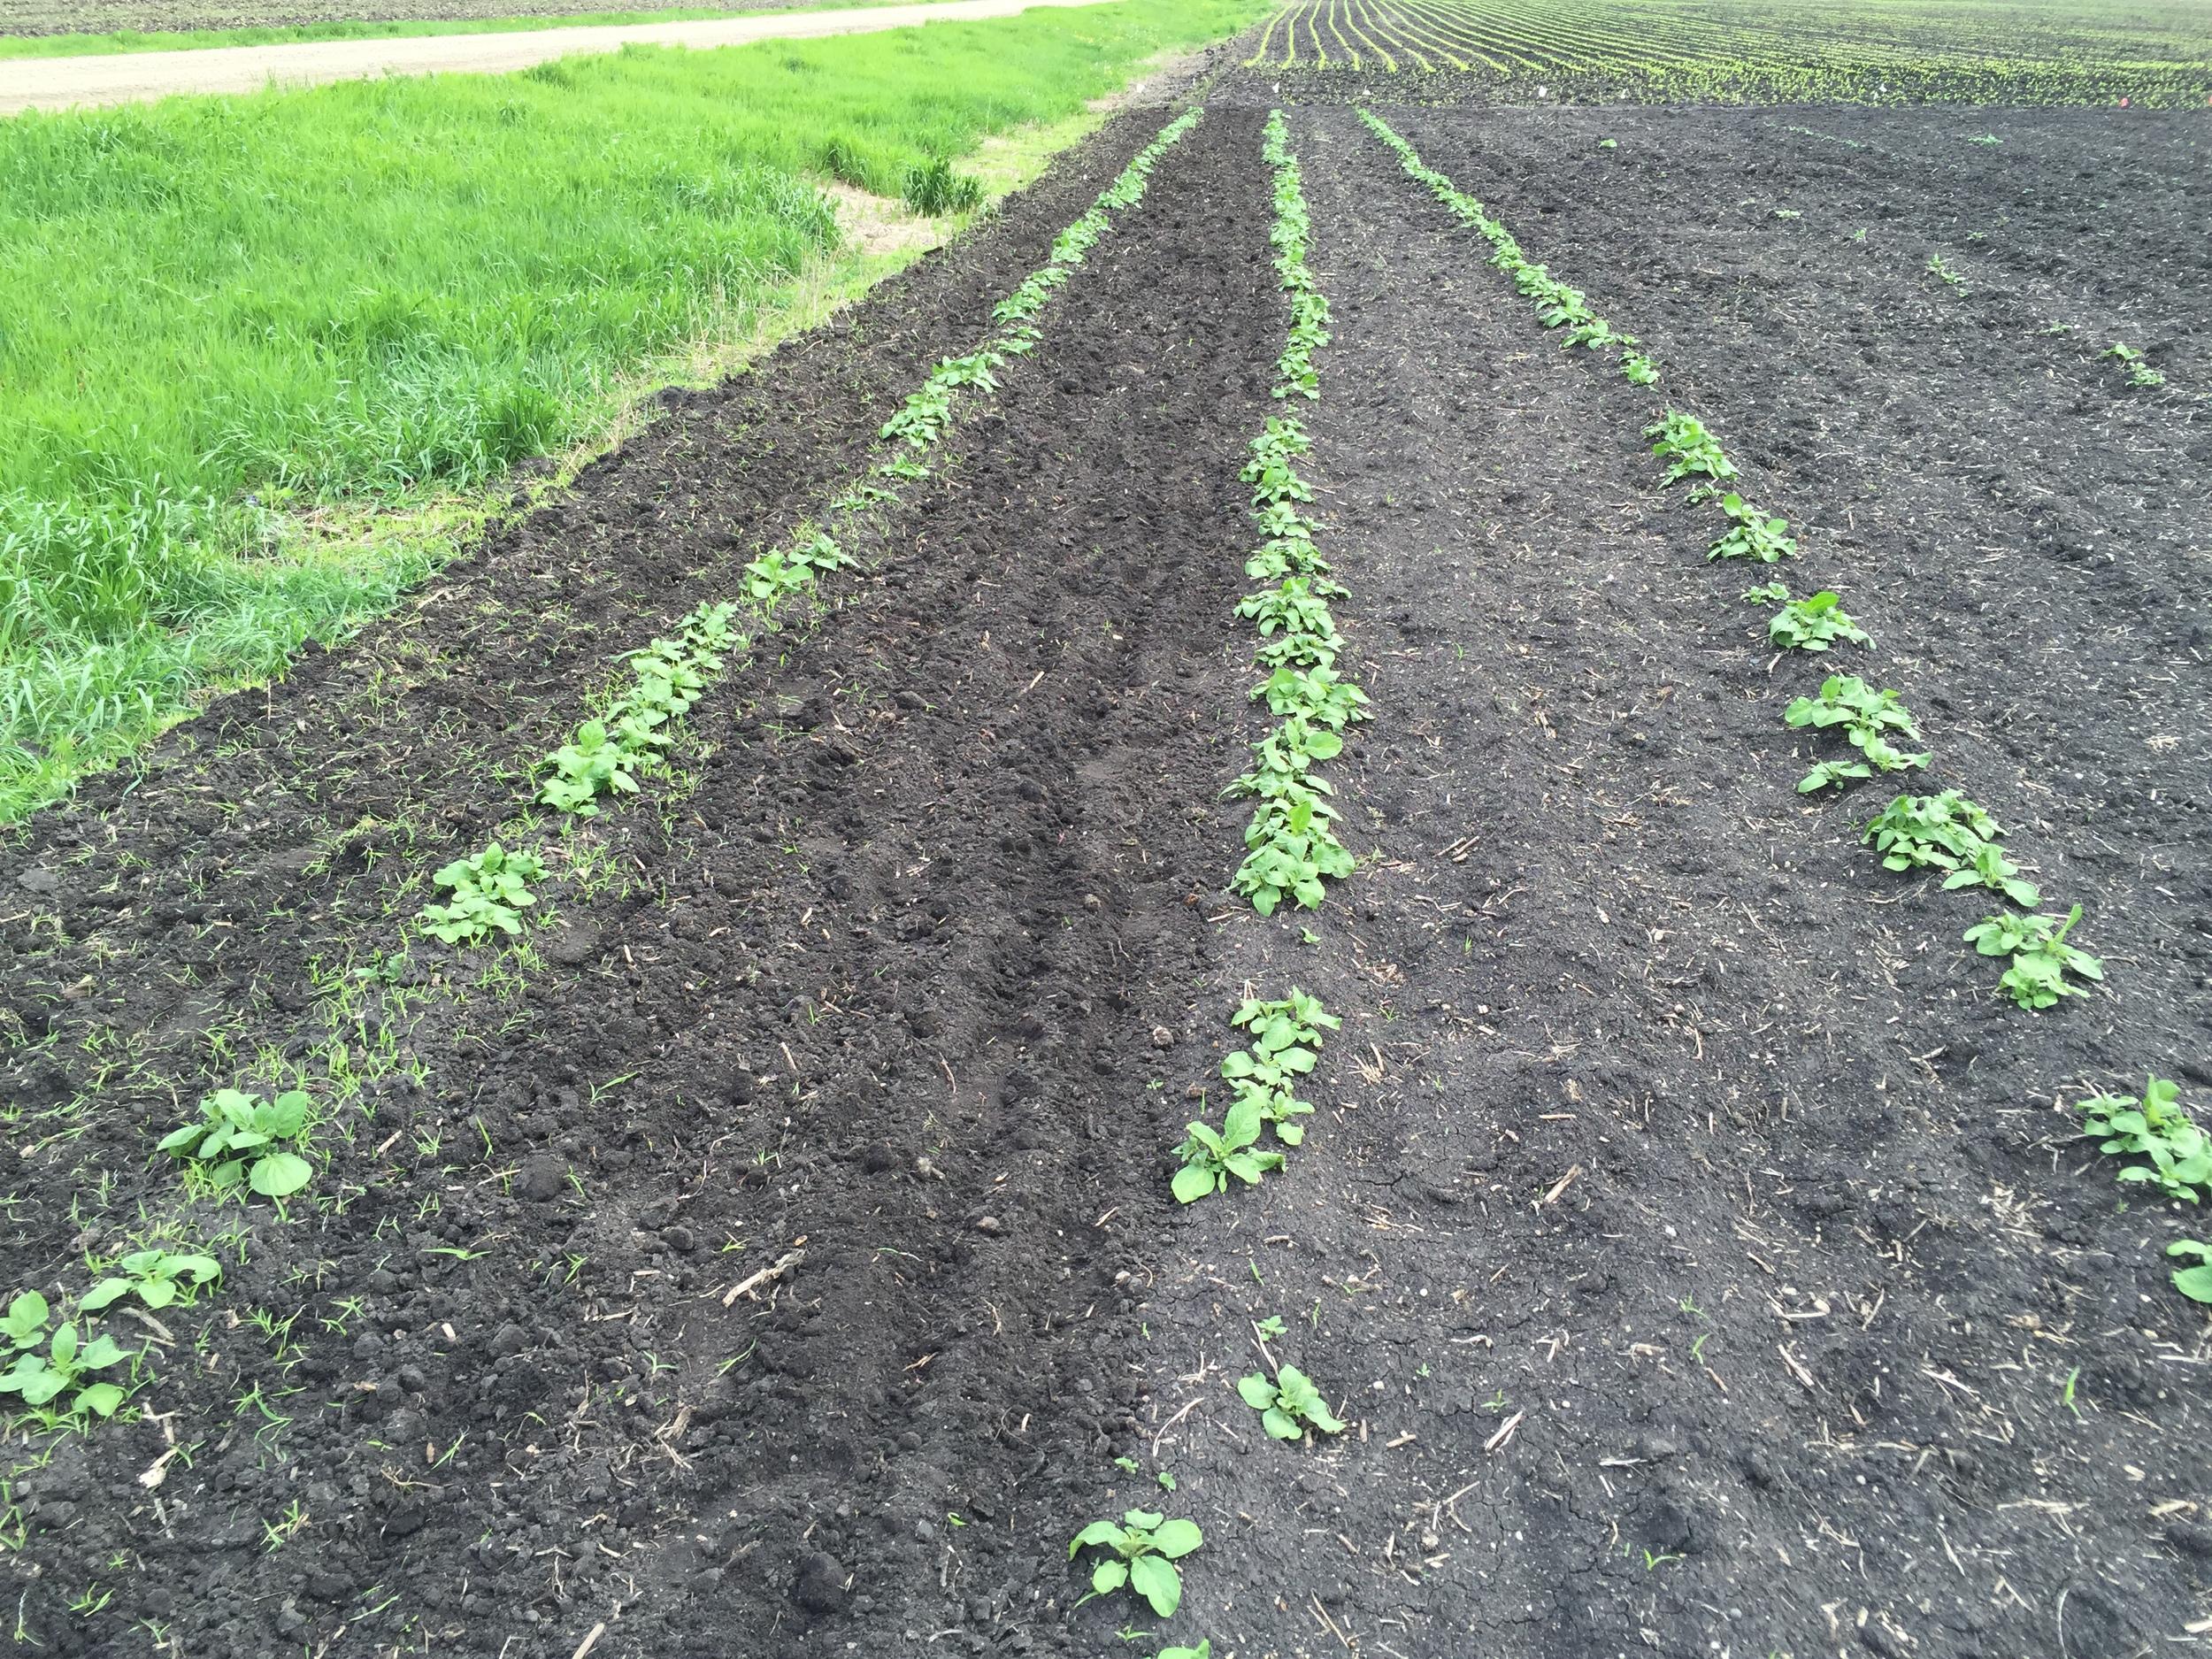 Weeding in progress! The potatoes here look excellent.